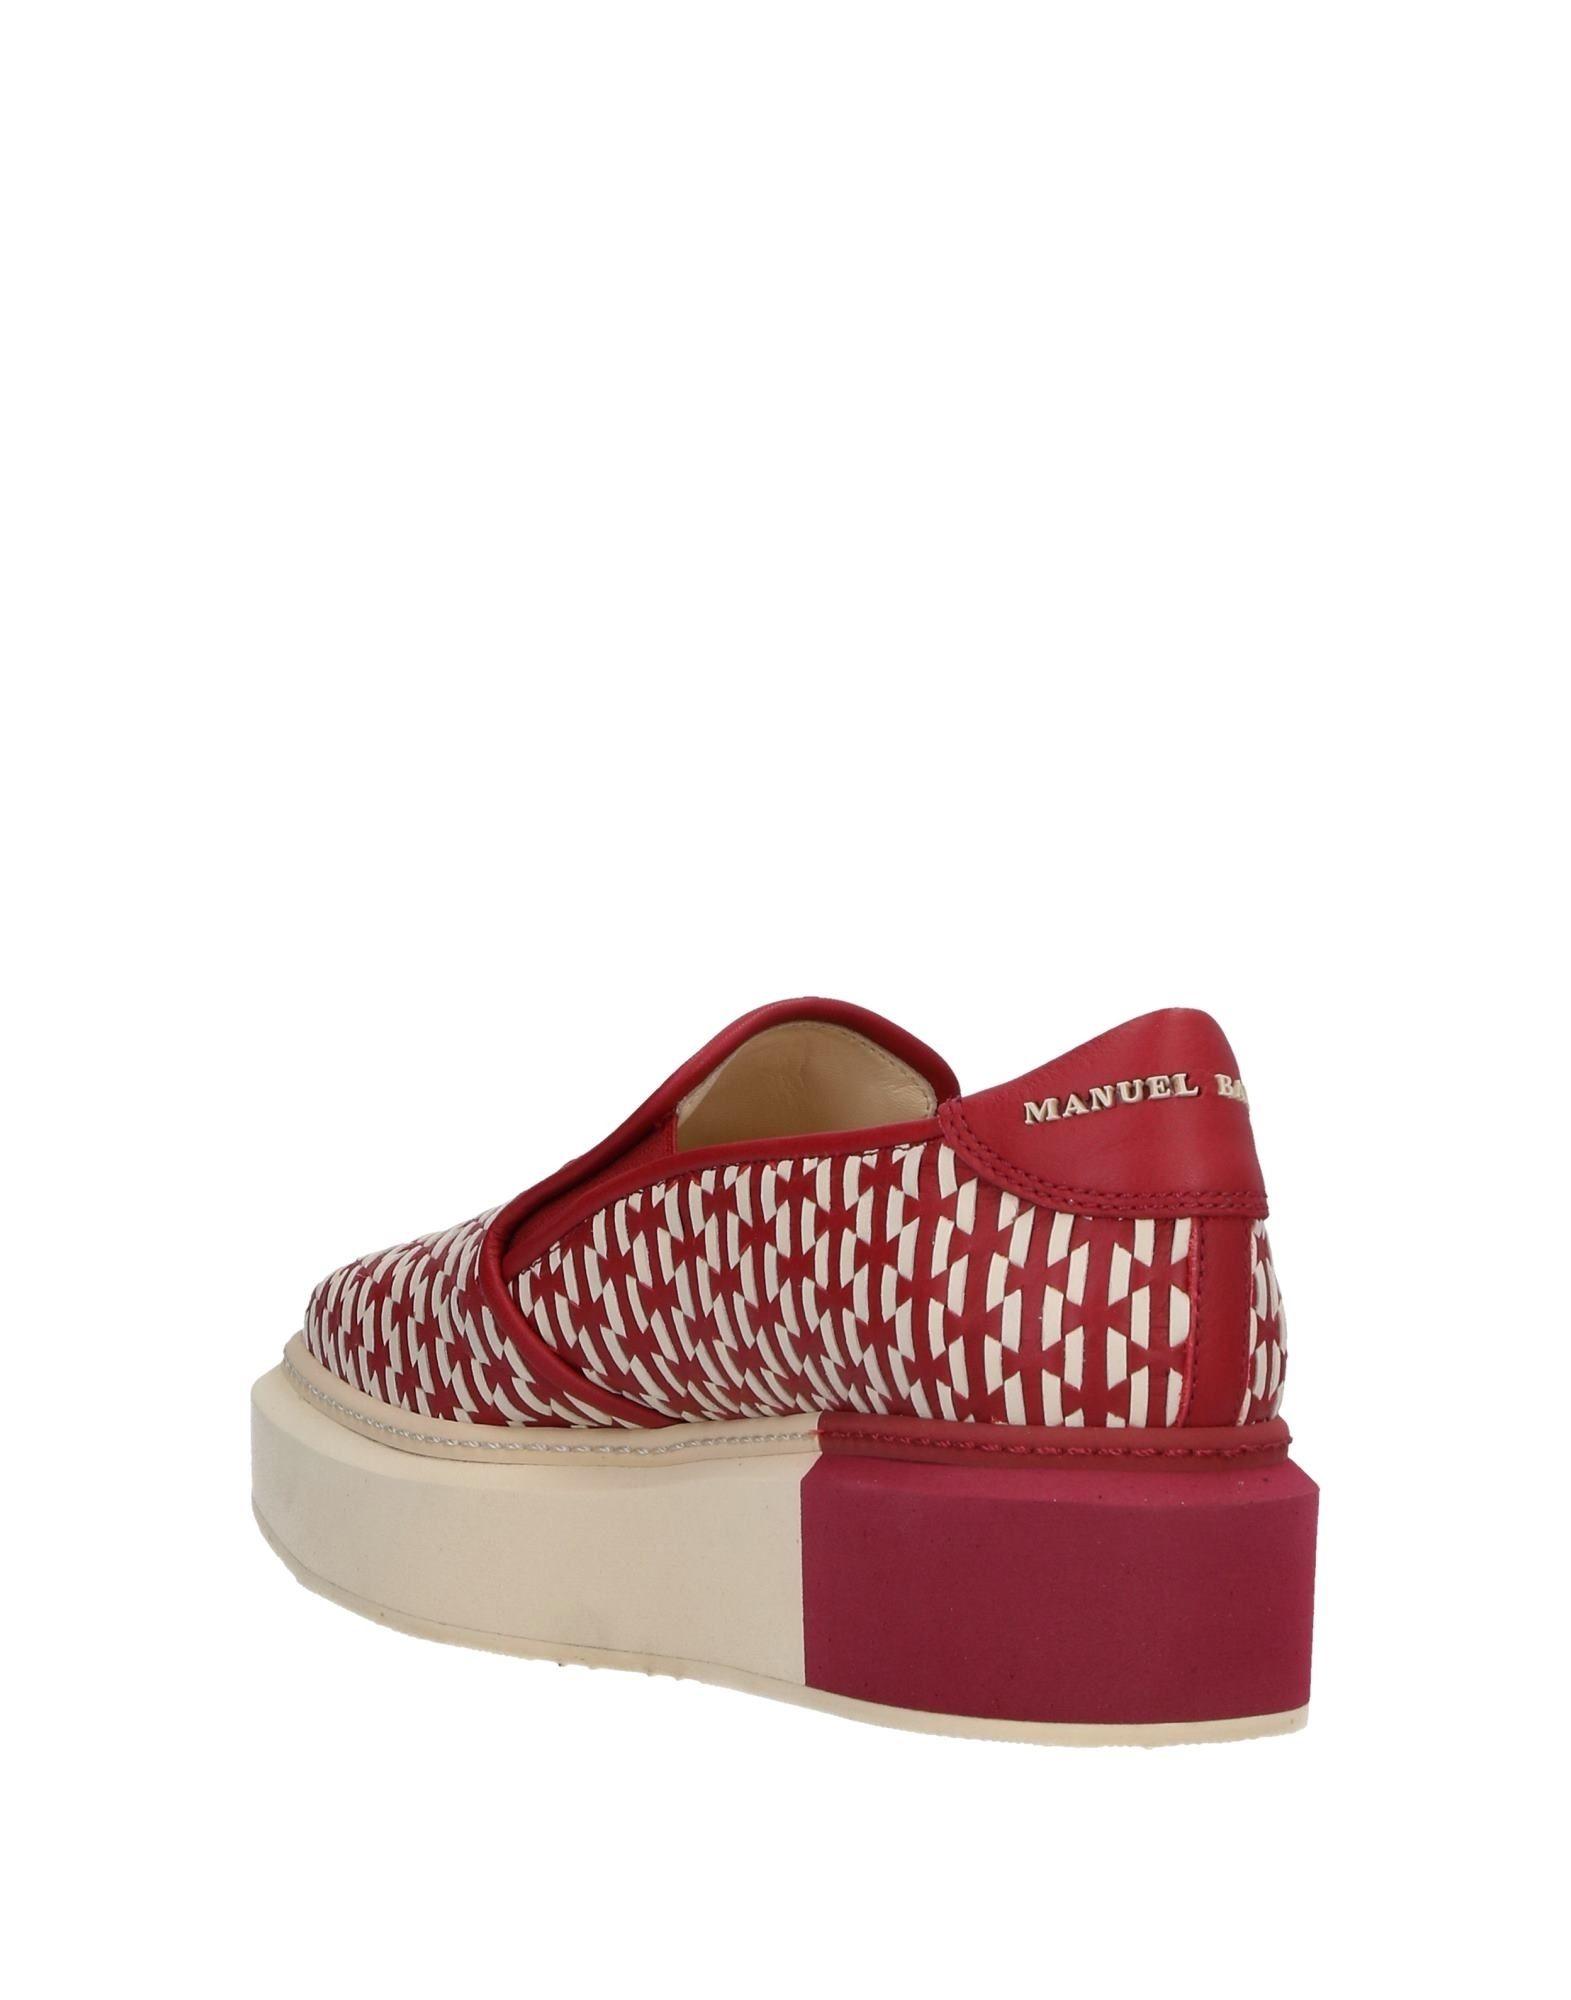 Manuel Barceló Sneakers Damen   11534771UA 02de5e